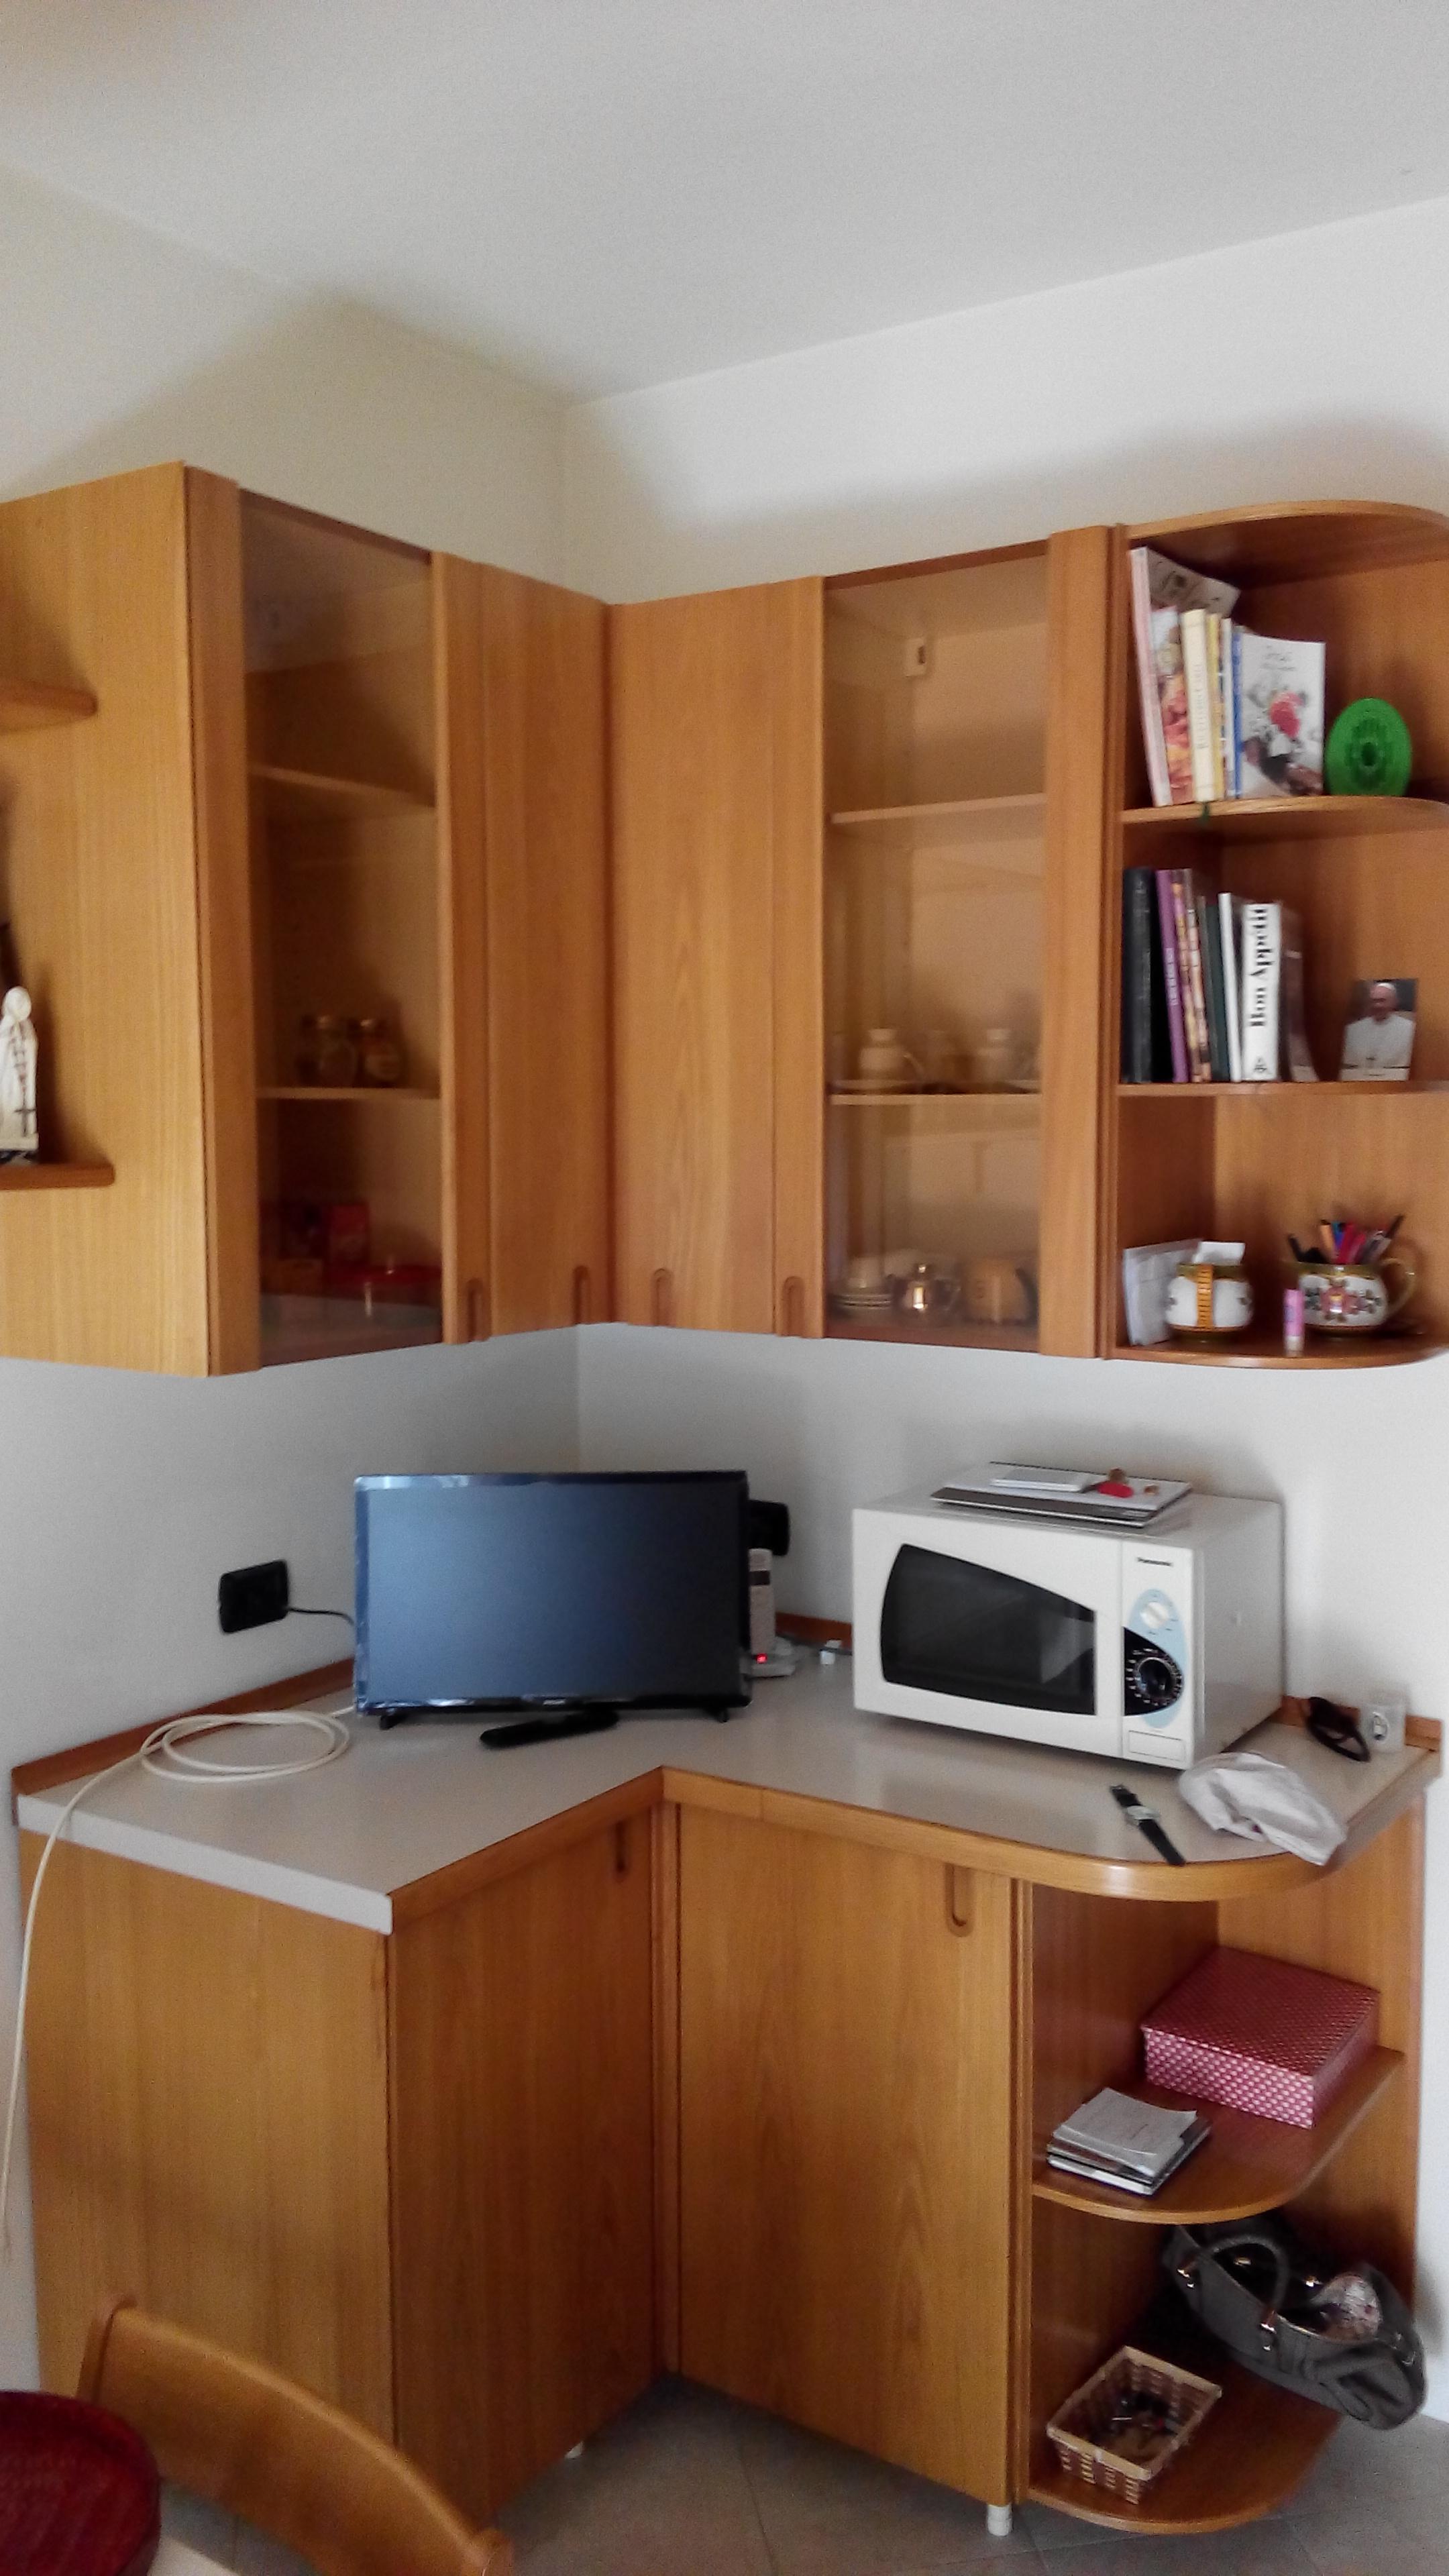 cucina con angolo mobile frigo  Il Tendone solidale